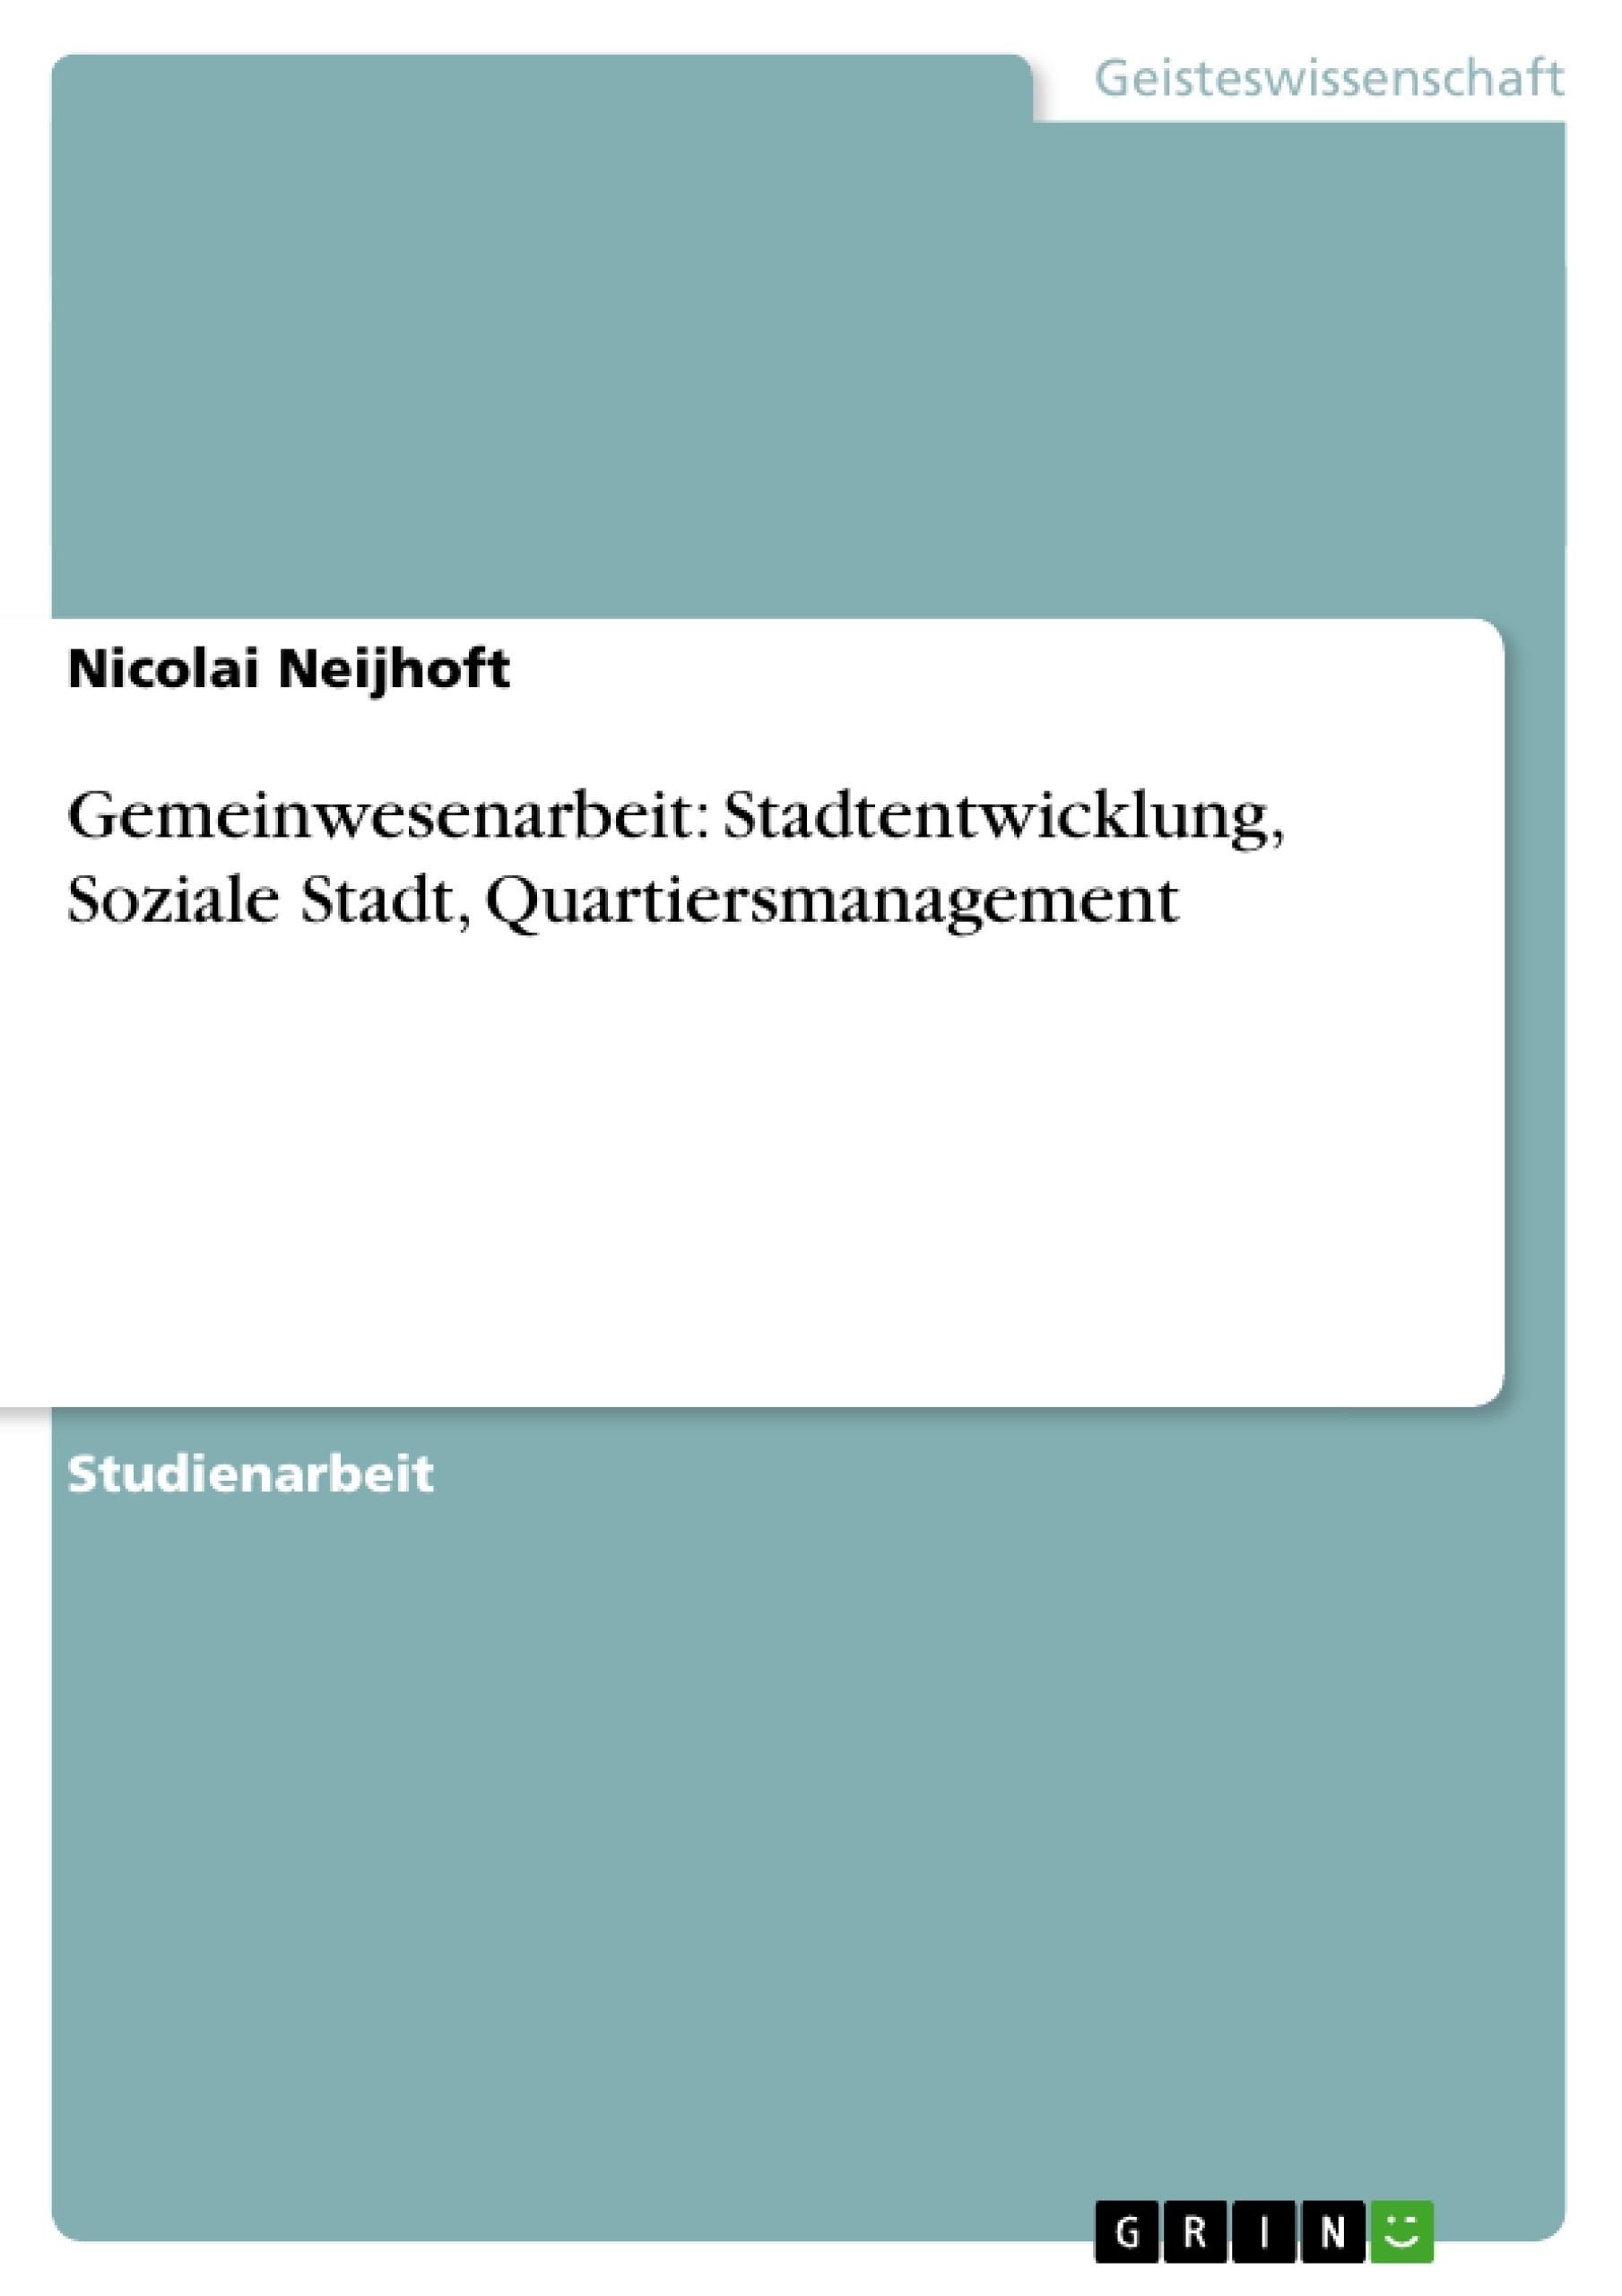 Titel: Gemeinwesenarbeit: Stadtentwicklung, Soziale Stadt, Quartiersmanagement